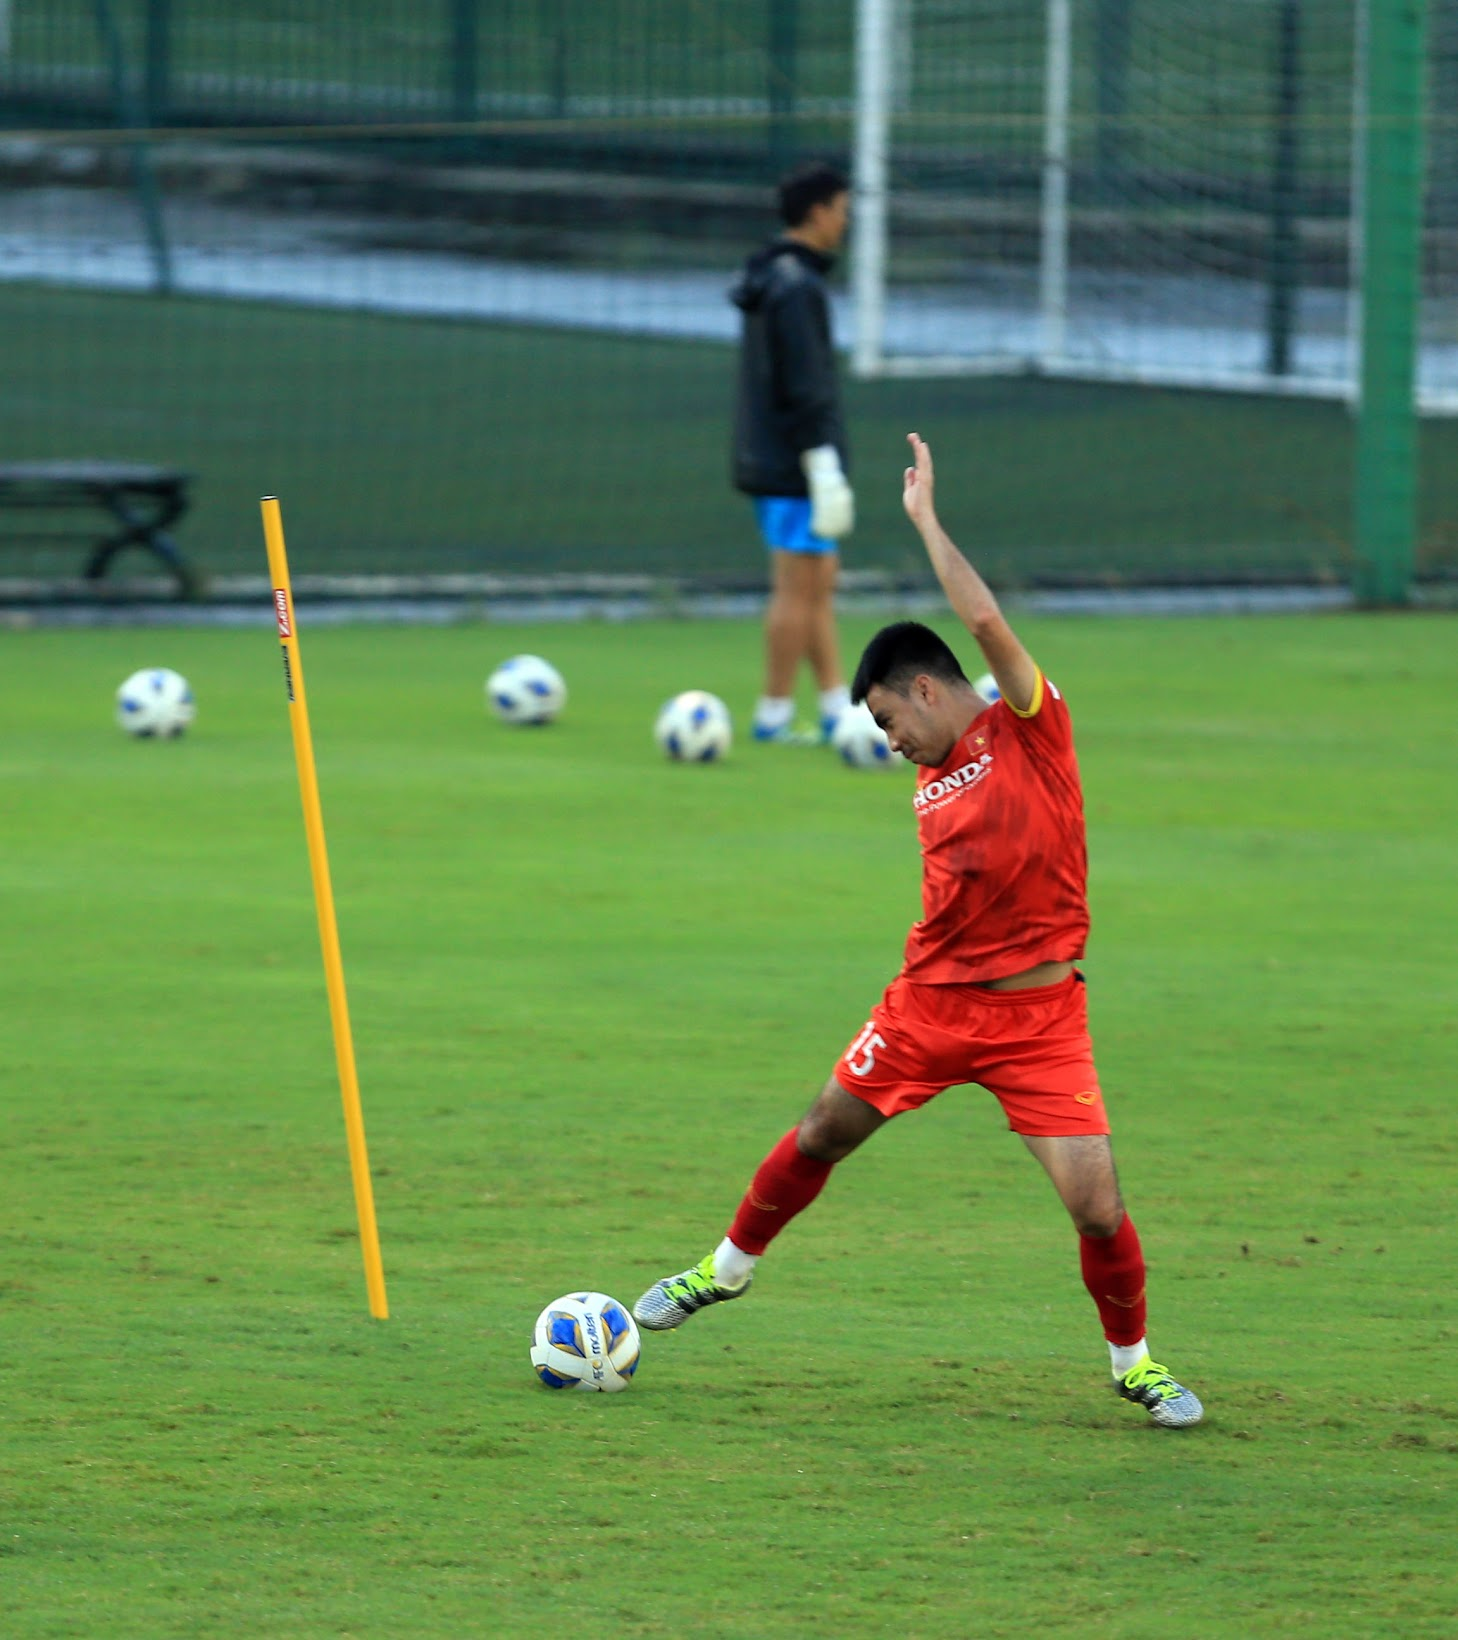 Tuấn Anh và đồng đội hào hứng khi trở thành thủ môn bất đắc dĩ cho tuyển Việt Nam - ảnh 8